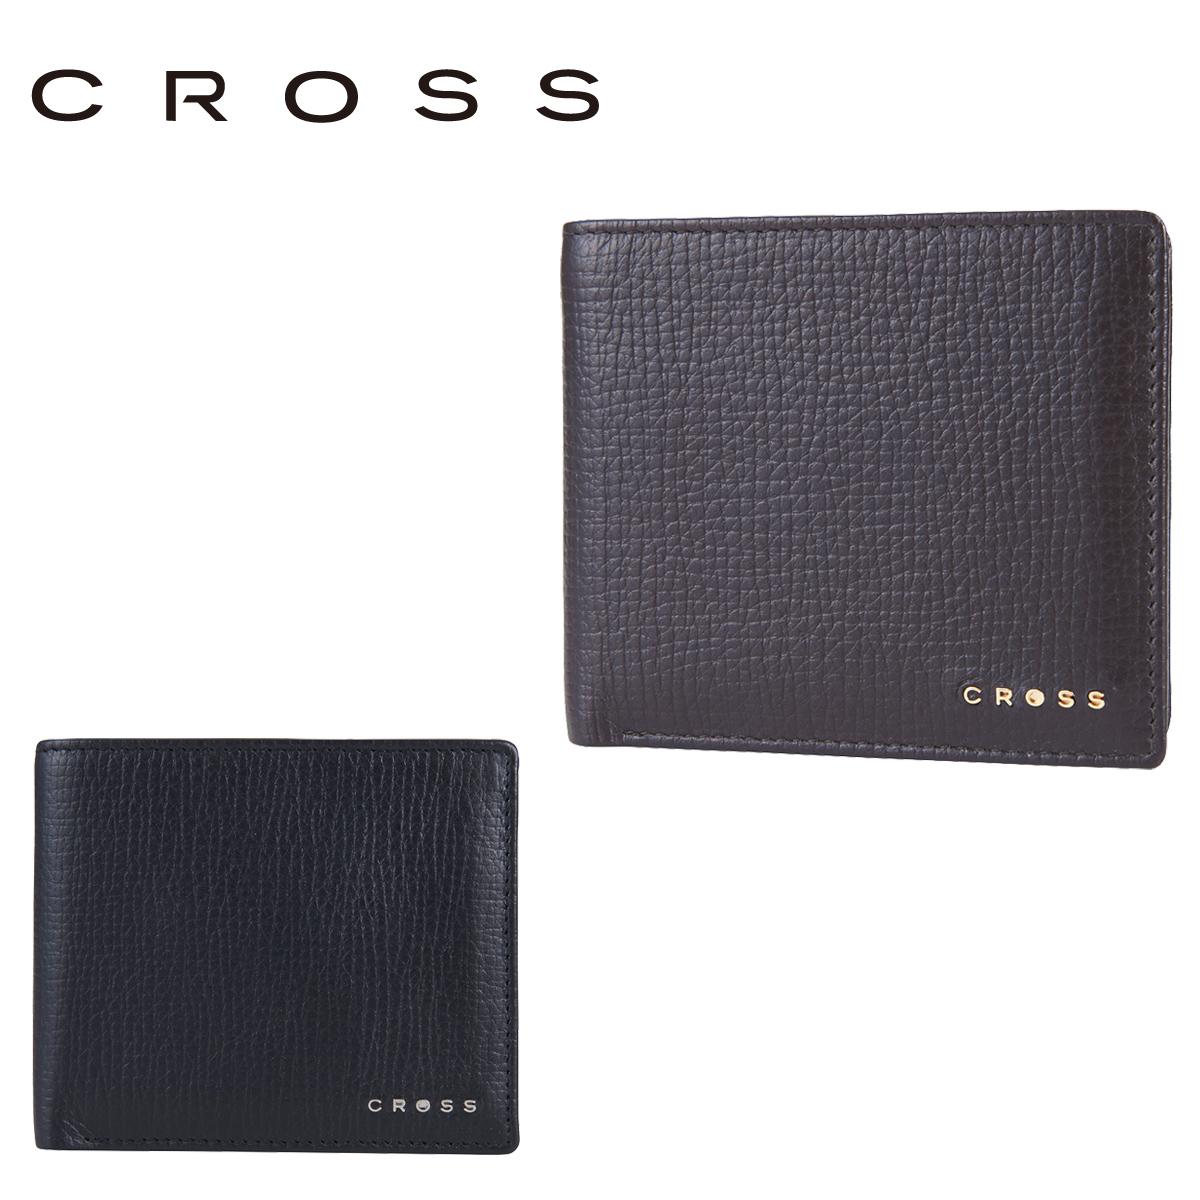 クロス 二つ折り AC238371 (0162) RTC CROSS 札入れ カードケース 小銭入れ メンズ レザー [PO5][bef]